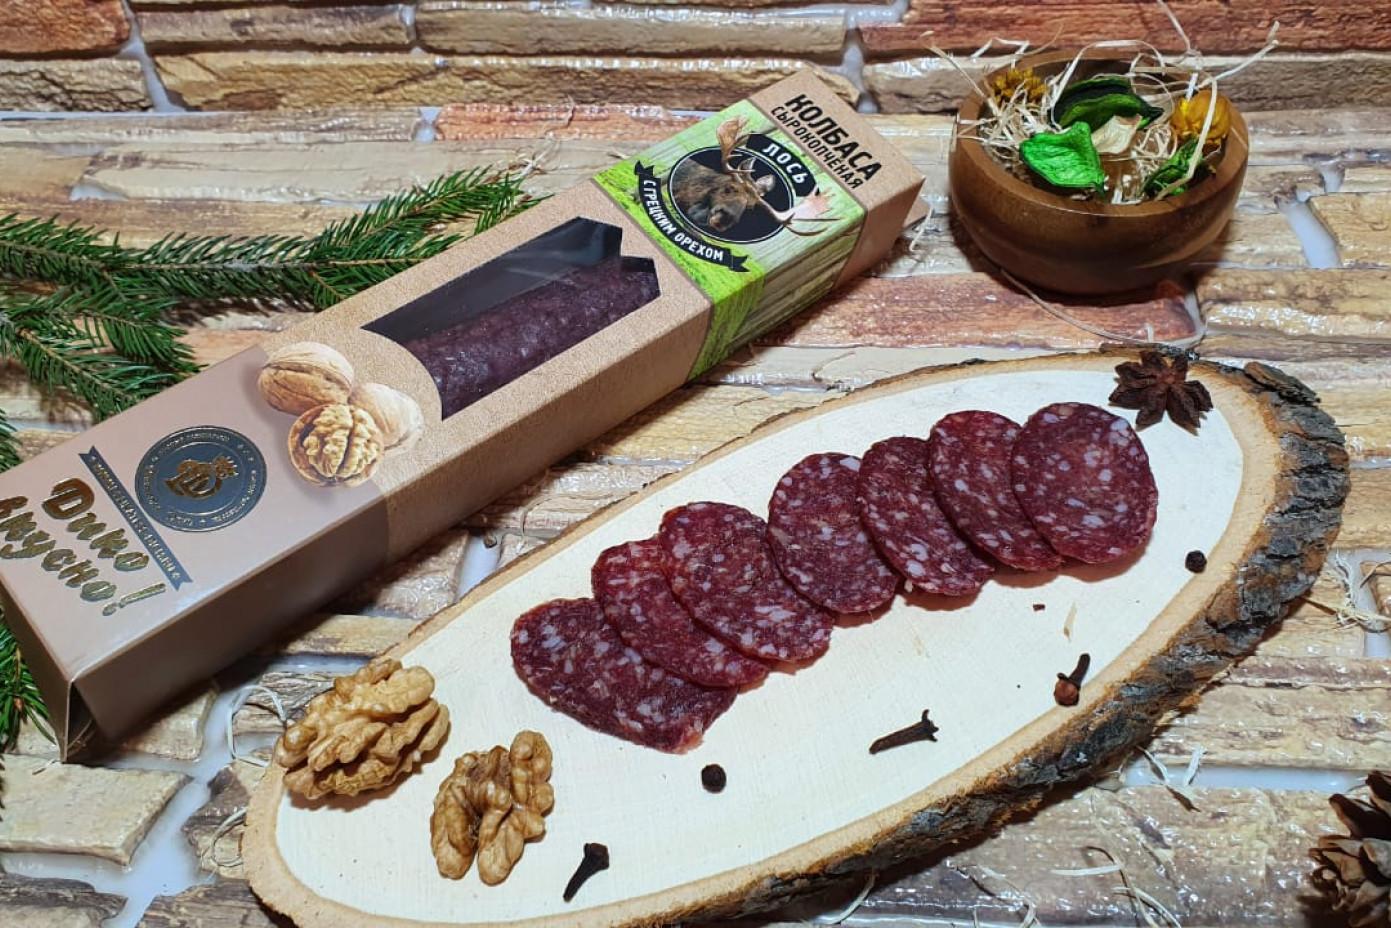 Колбаса из мяса Лося с грецким орехом в подарочной упаковке